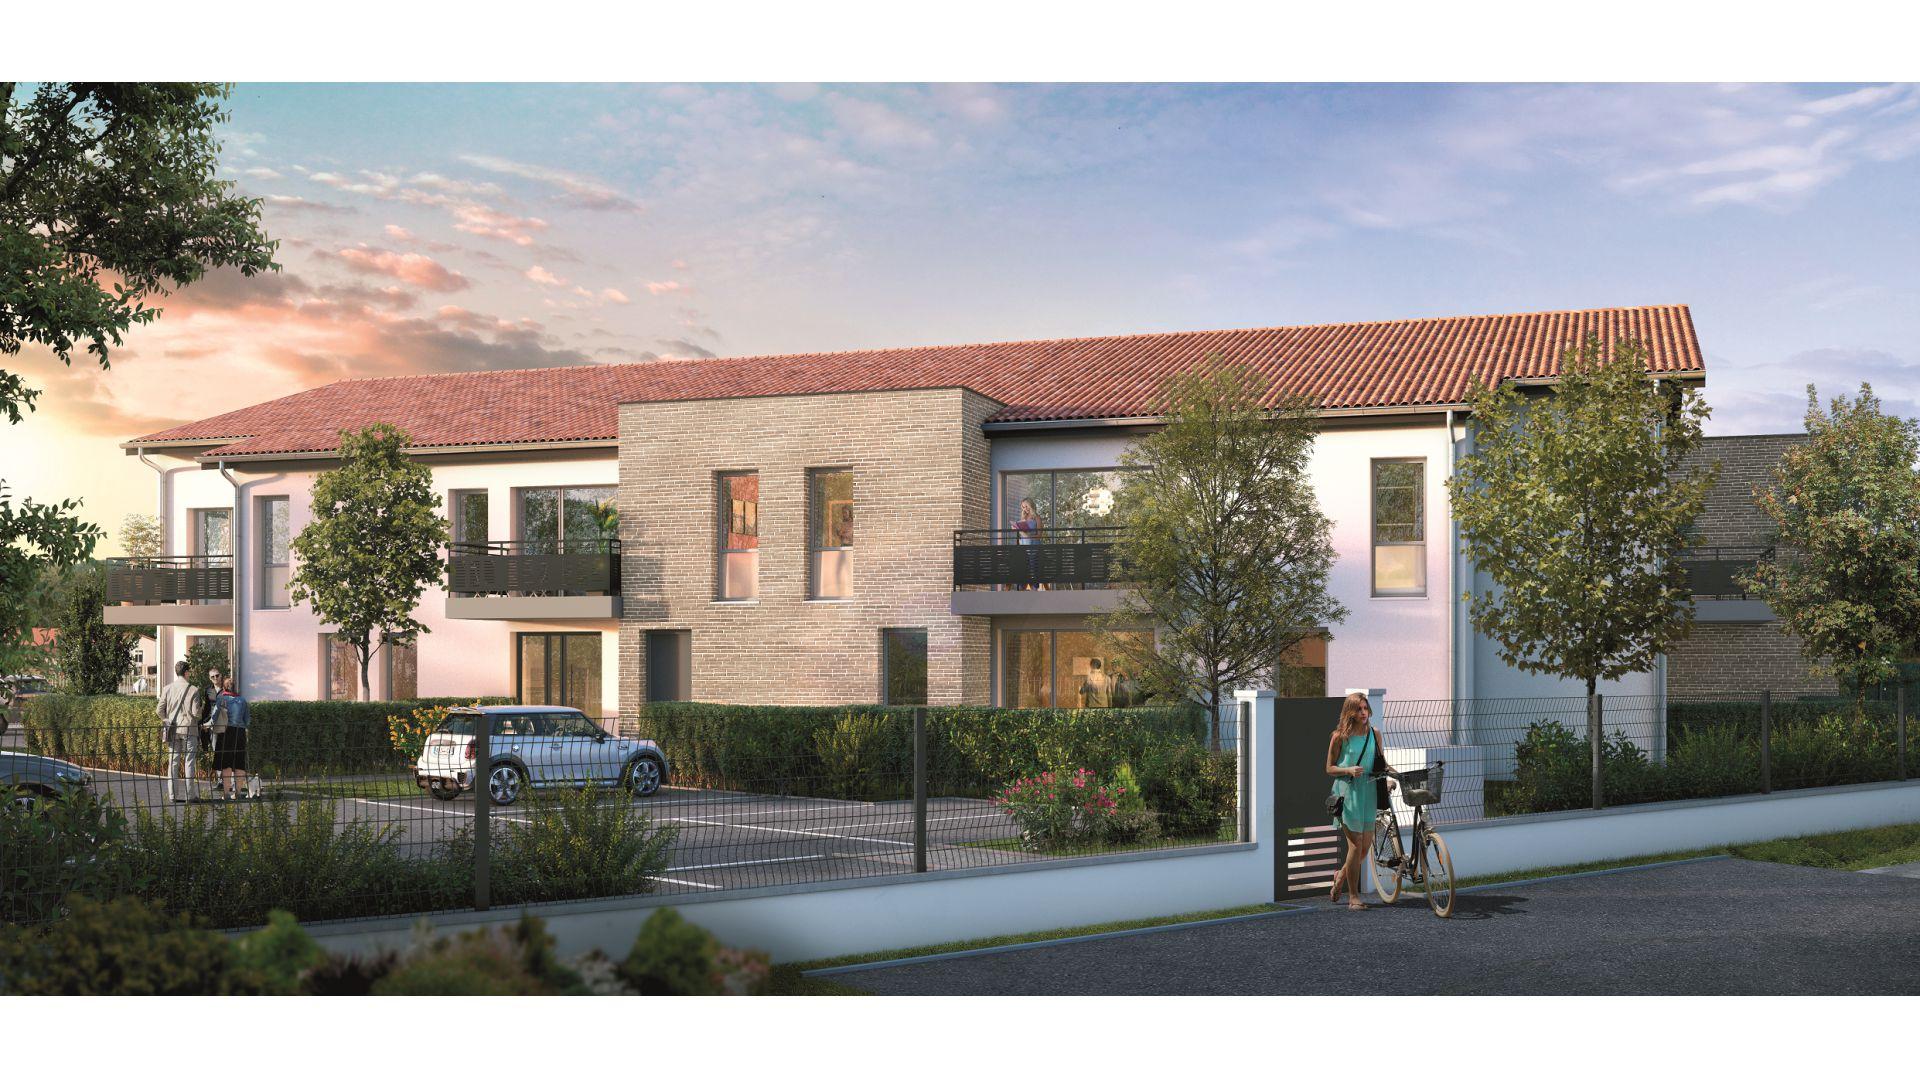 GreenCity immobilier - Frouzins - Résidence l'Aiguillon - 31270 - appartements neufs du T2 au T3